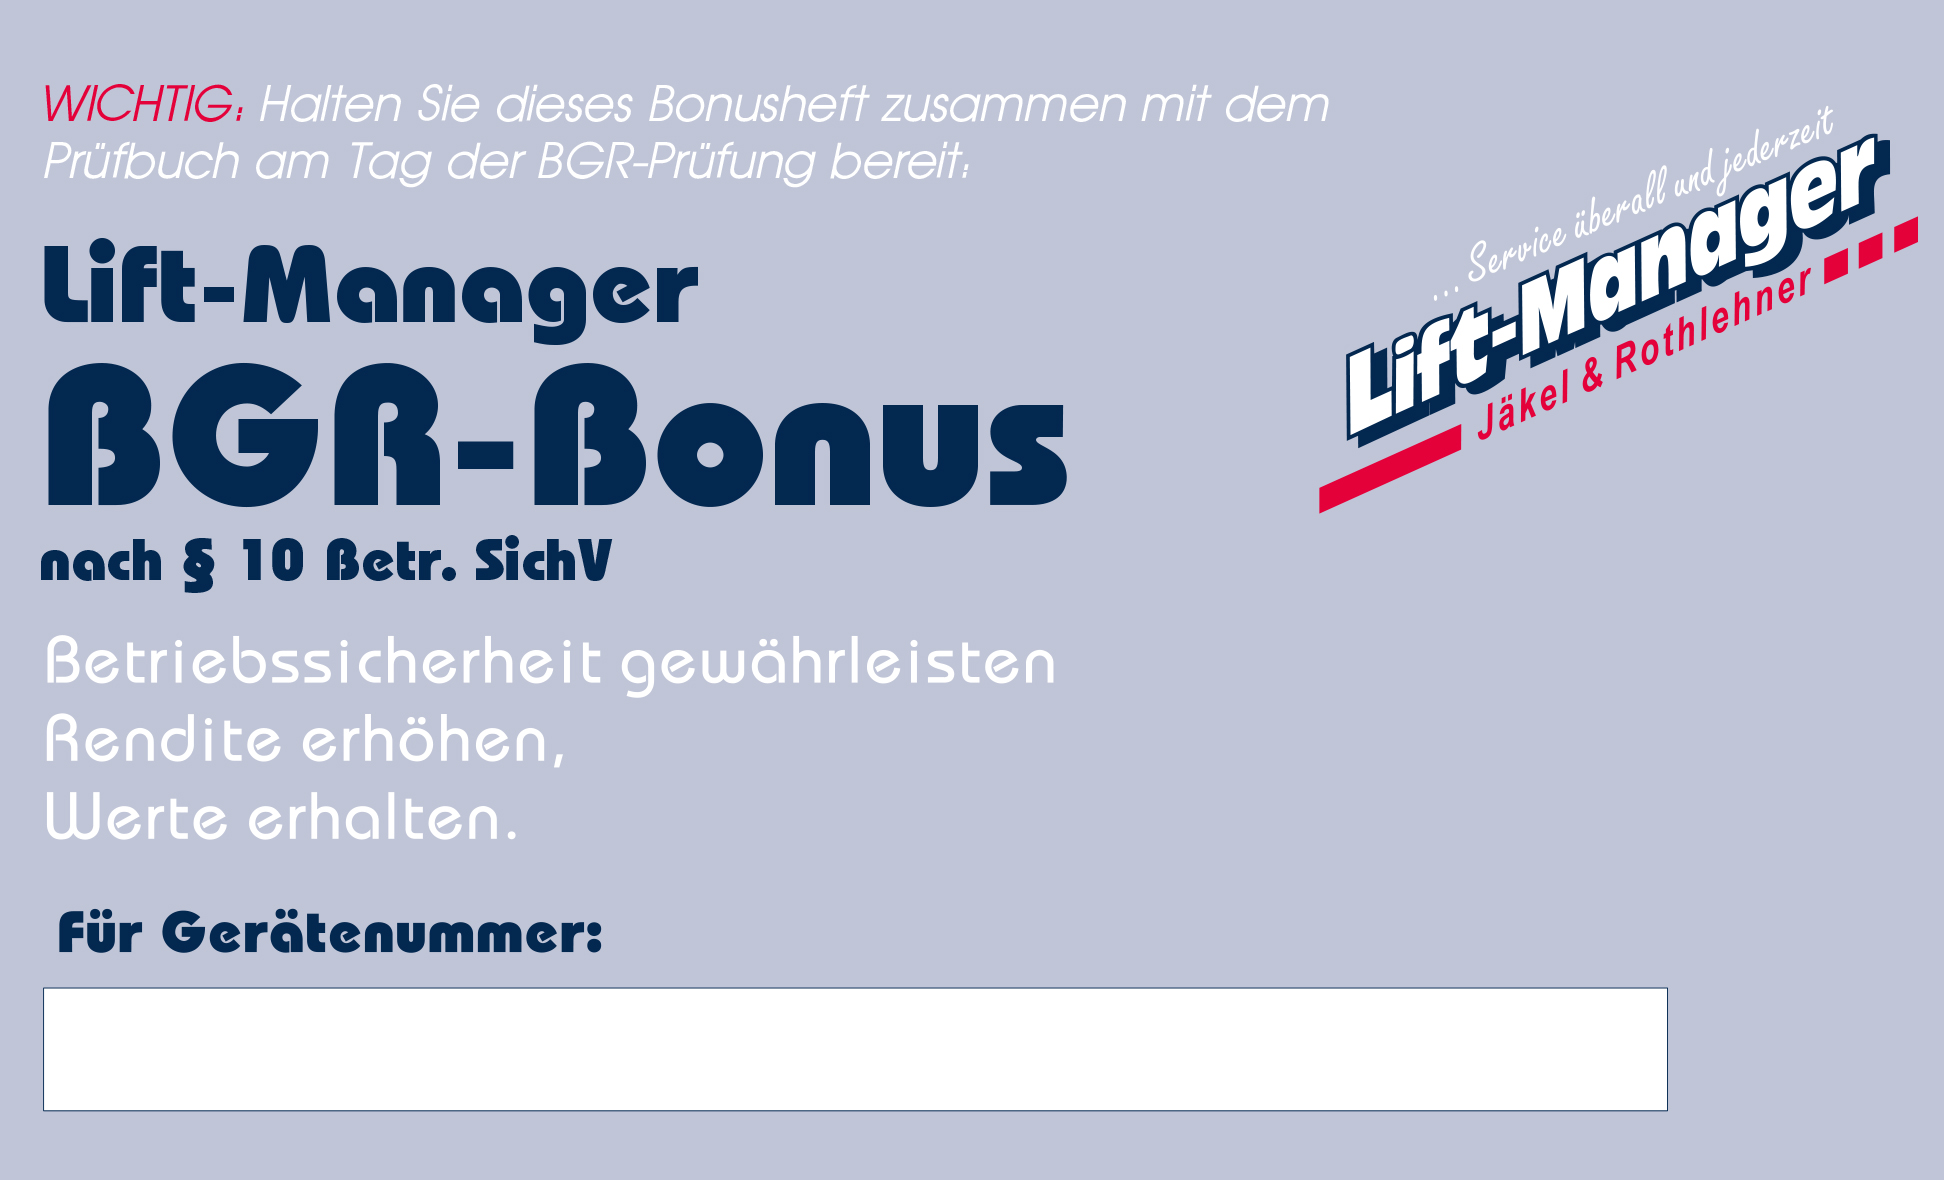 Lift-Manager Arbeitsbühnen Service - Sicherheitsprüfungen